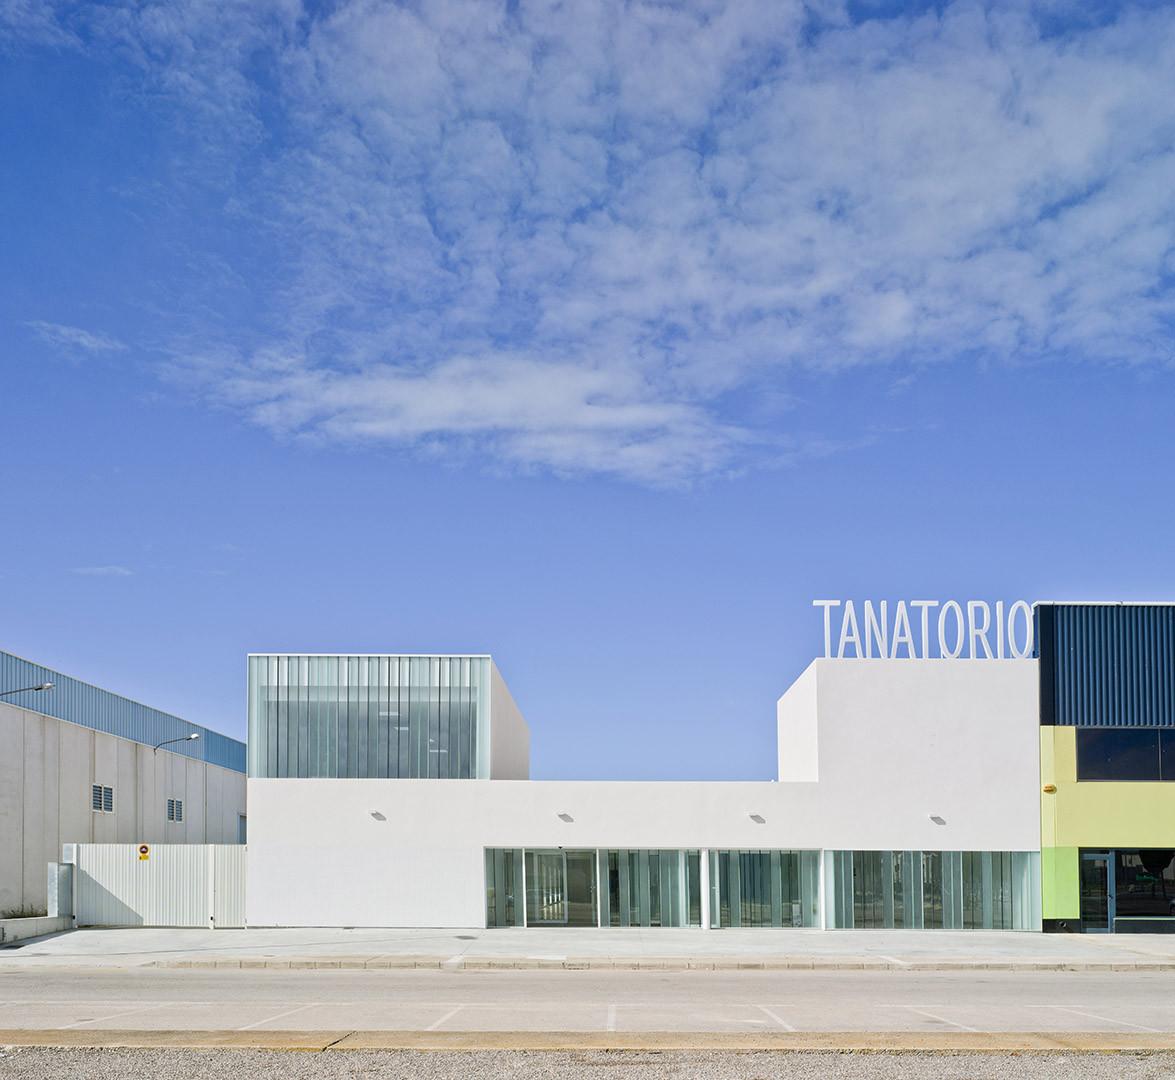 Tanatorio campo de cartagena mart n lejarraga - Arquitectura cartagena ...